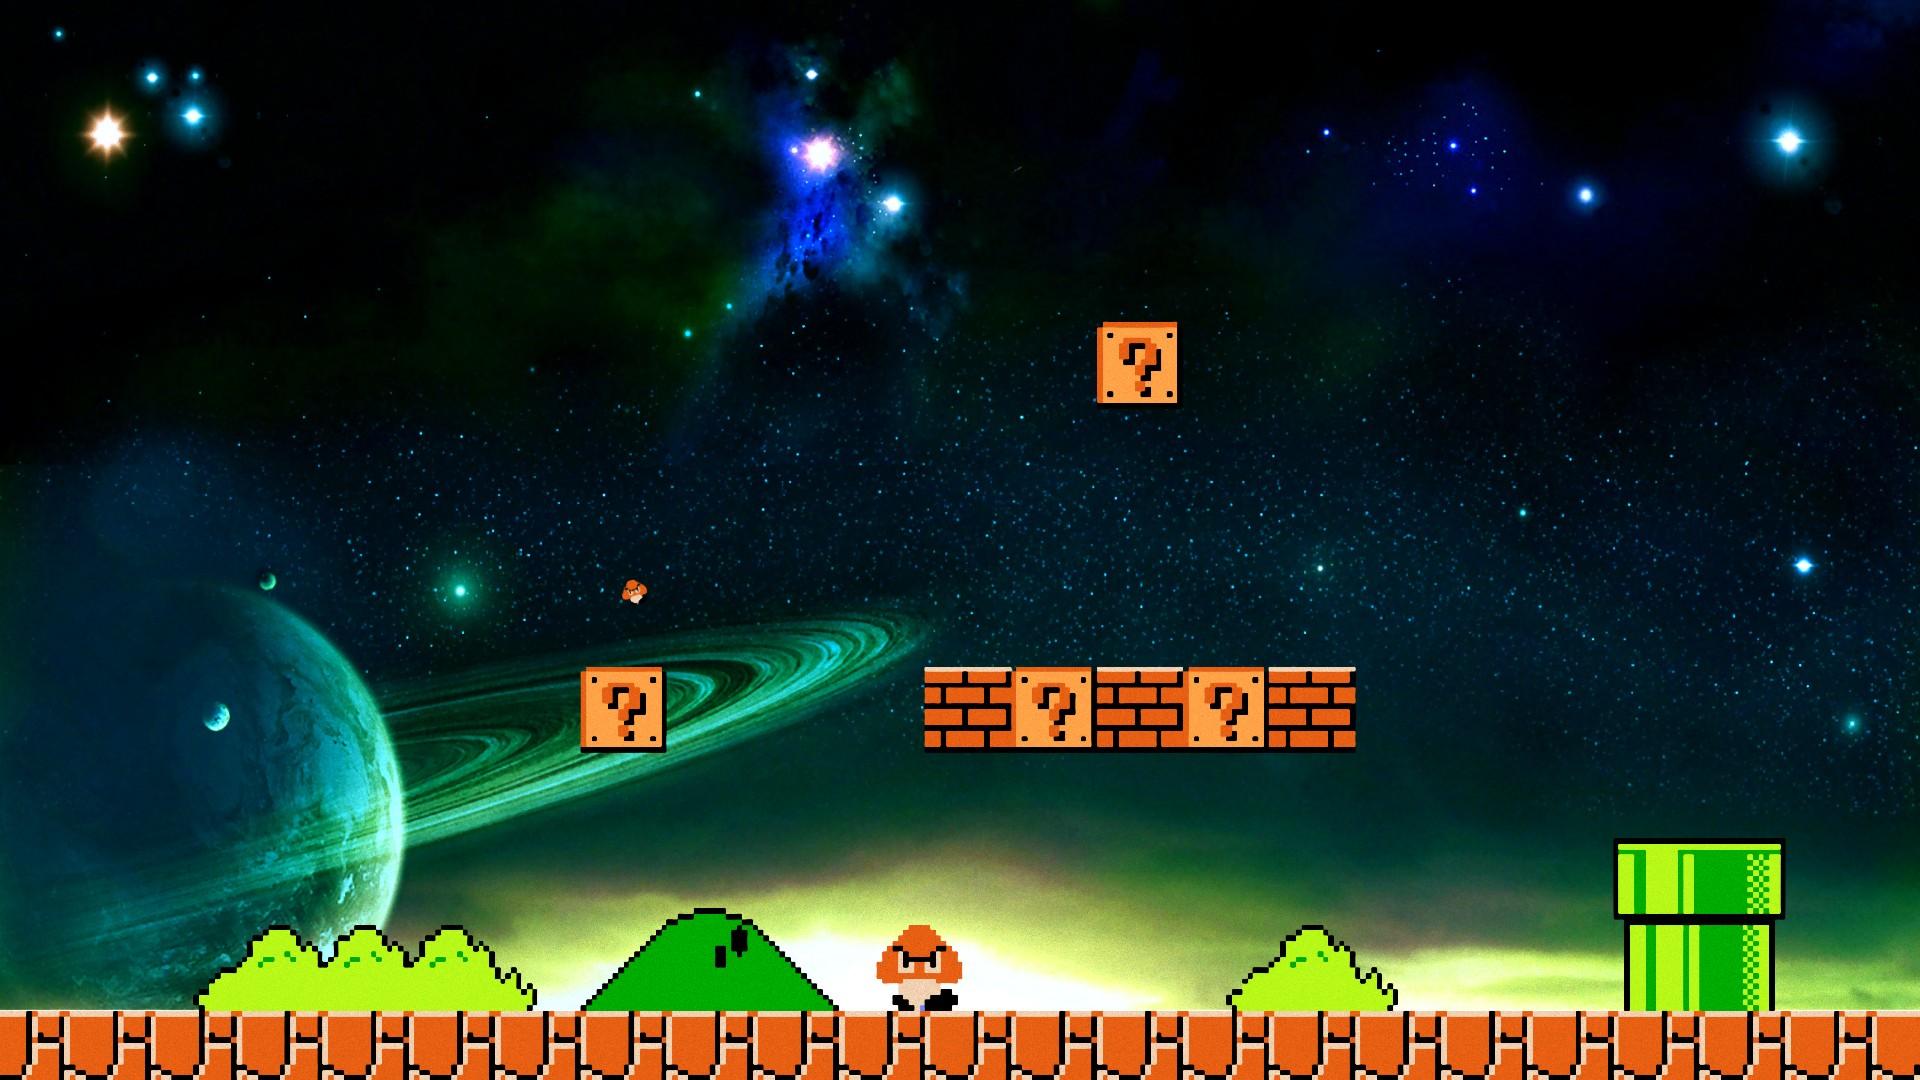 HD Super Mario Wallpapers 1920x1080